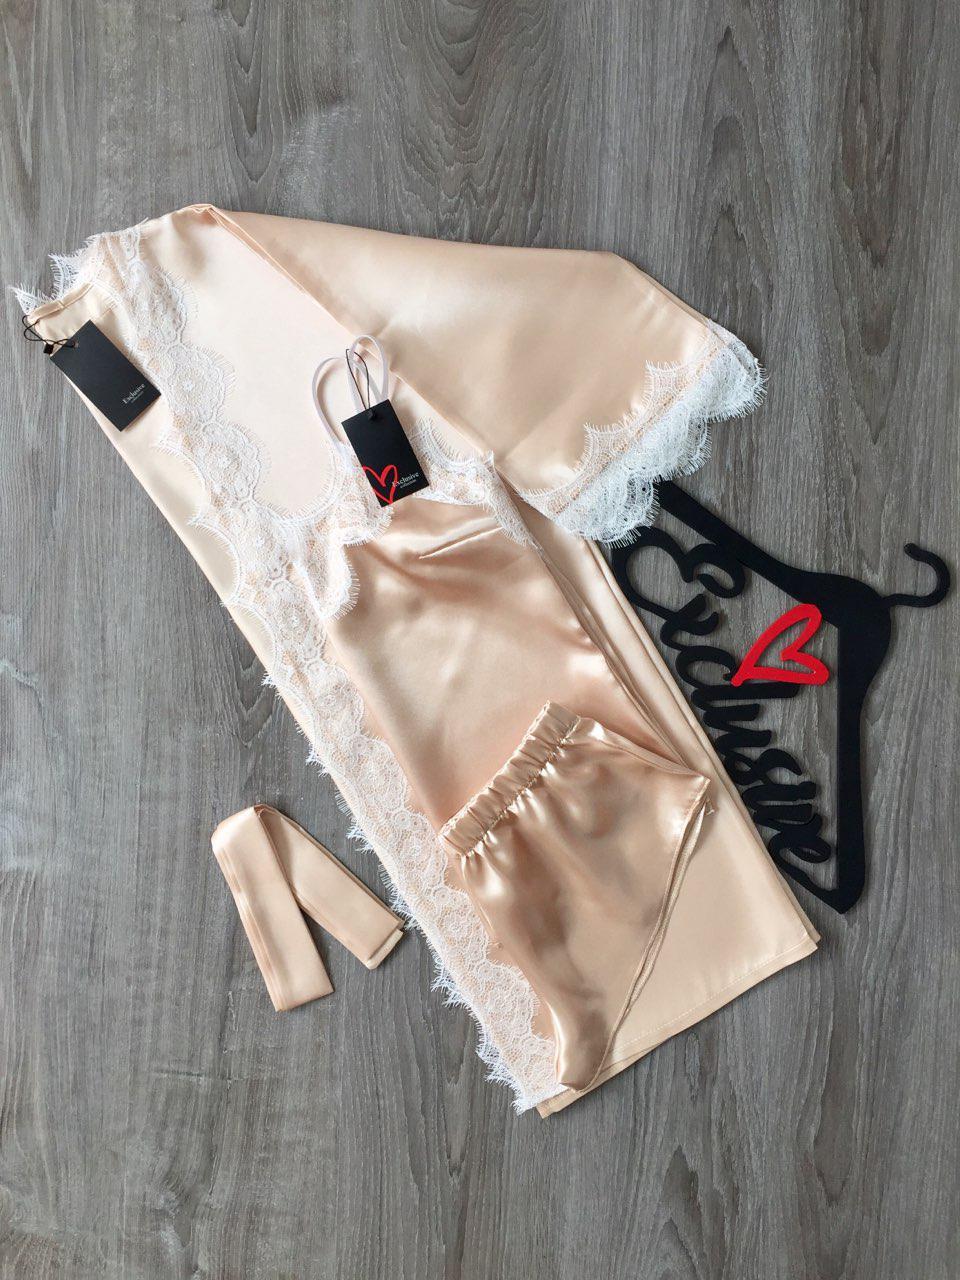 Нежный комплект из атласа для дома и сна: халатик и майка с шортами